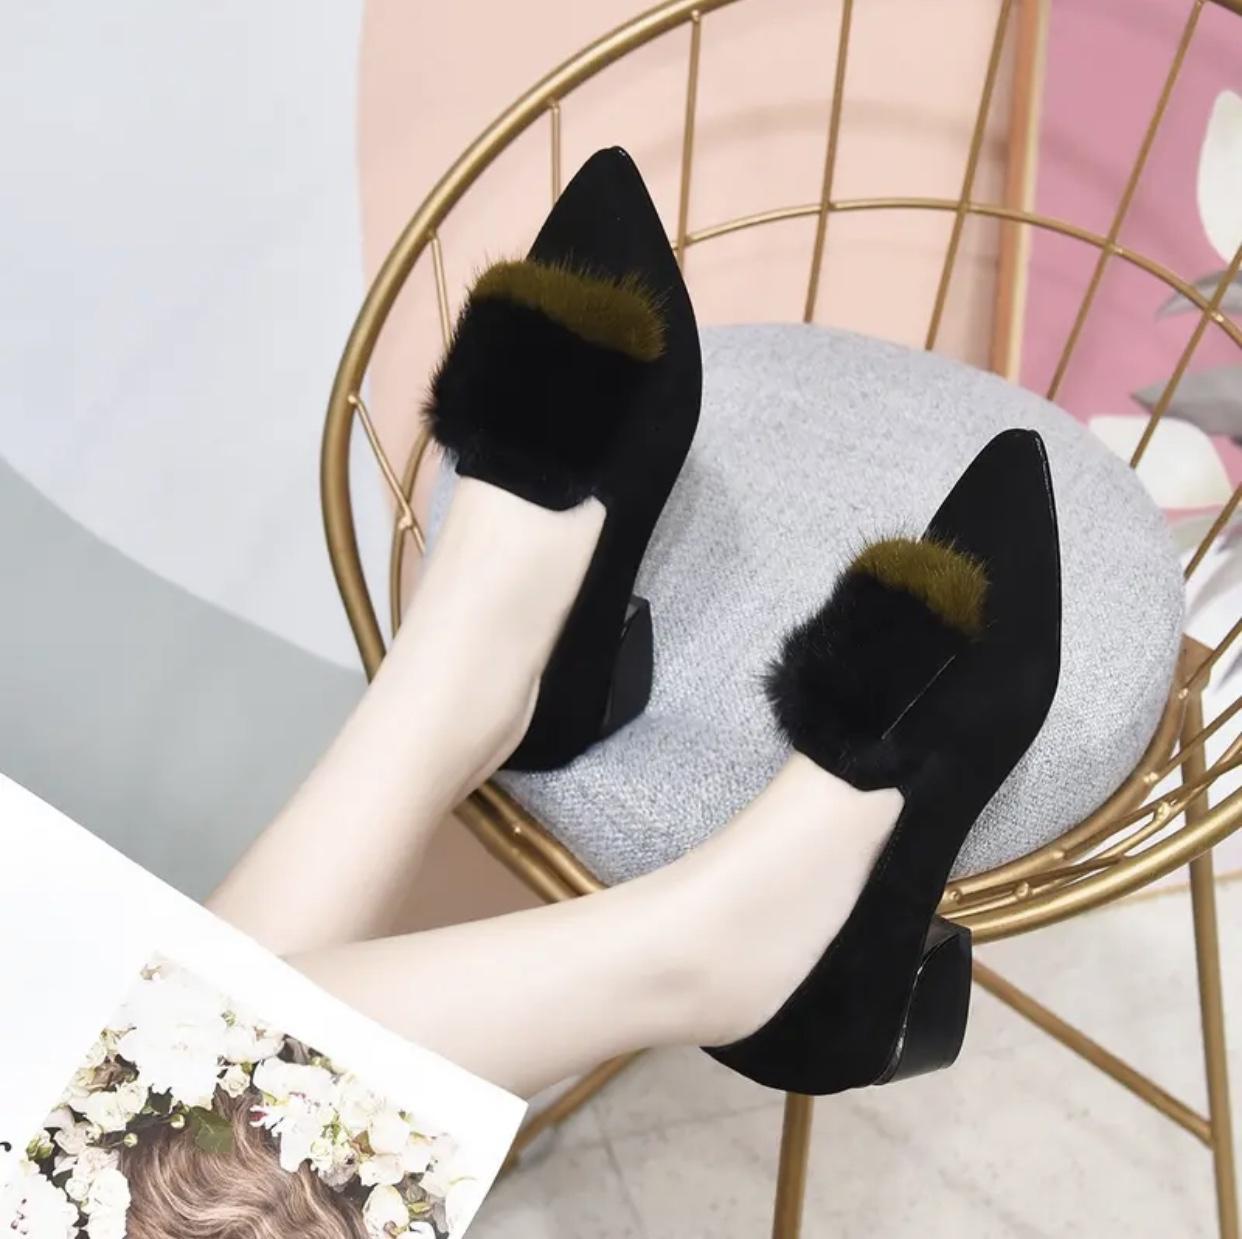 耐娇莉鞋业磨砂羊皮水貂毛单鞋女粗跟2021秋皮鞋尖头绒面春秋女鞋